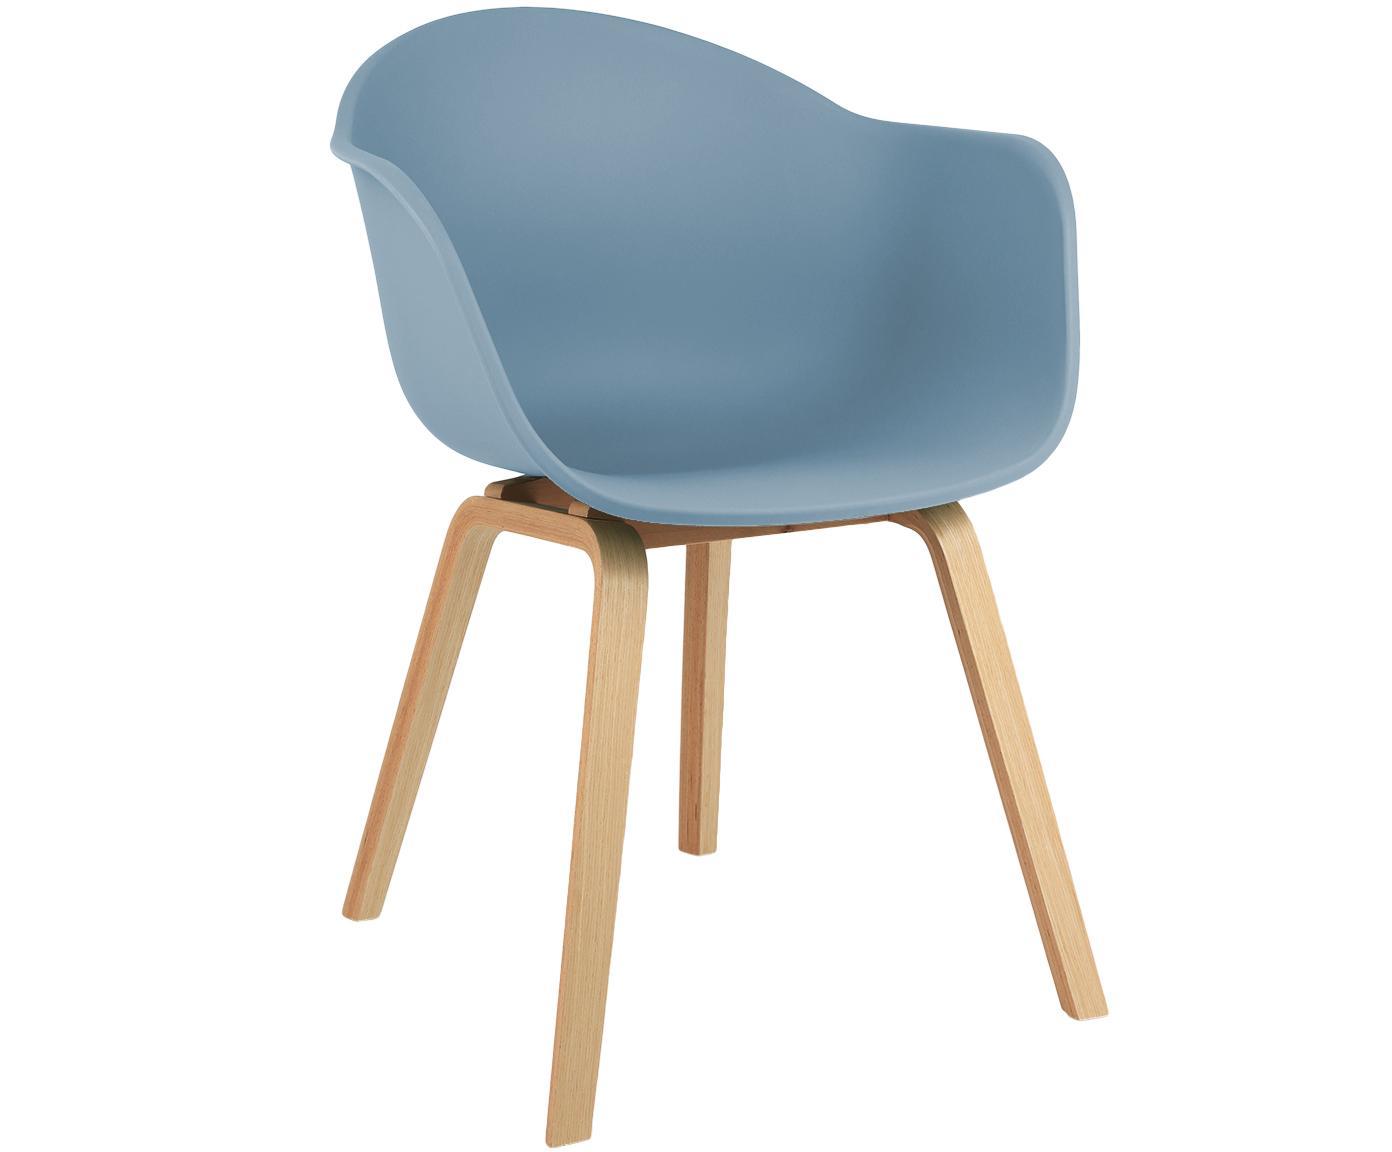 Sedia con braccioli e gambe in legno Claire, Seduta: materiale sintetico, Gambe: legno di faggio, Seduta: blu Gambe: legno di faggio, Larg. 61 x Prof. 58 cm